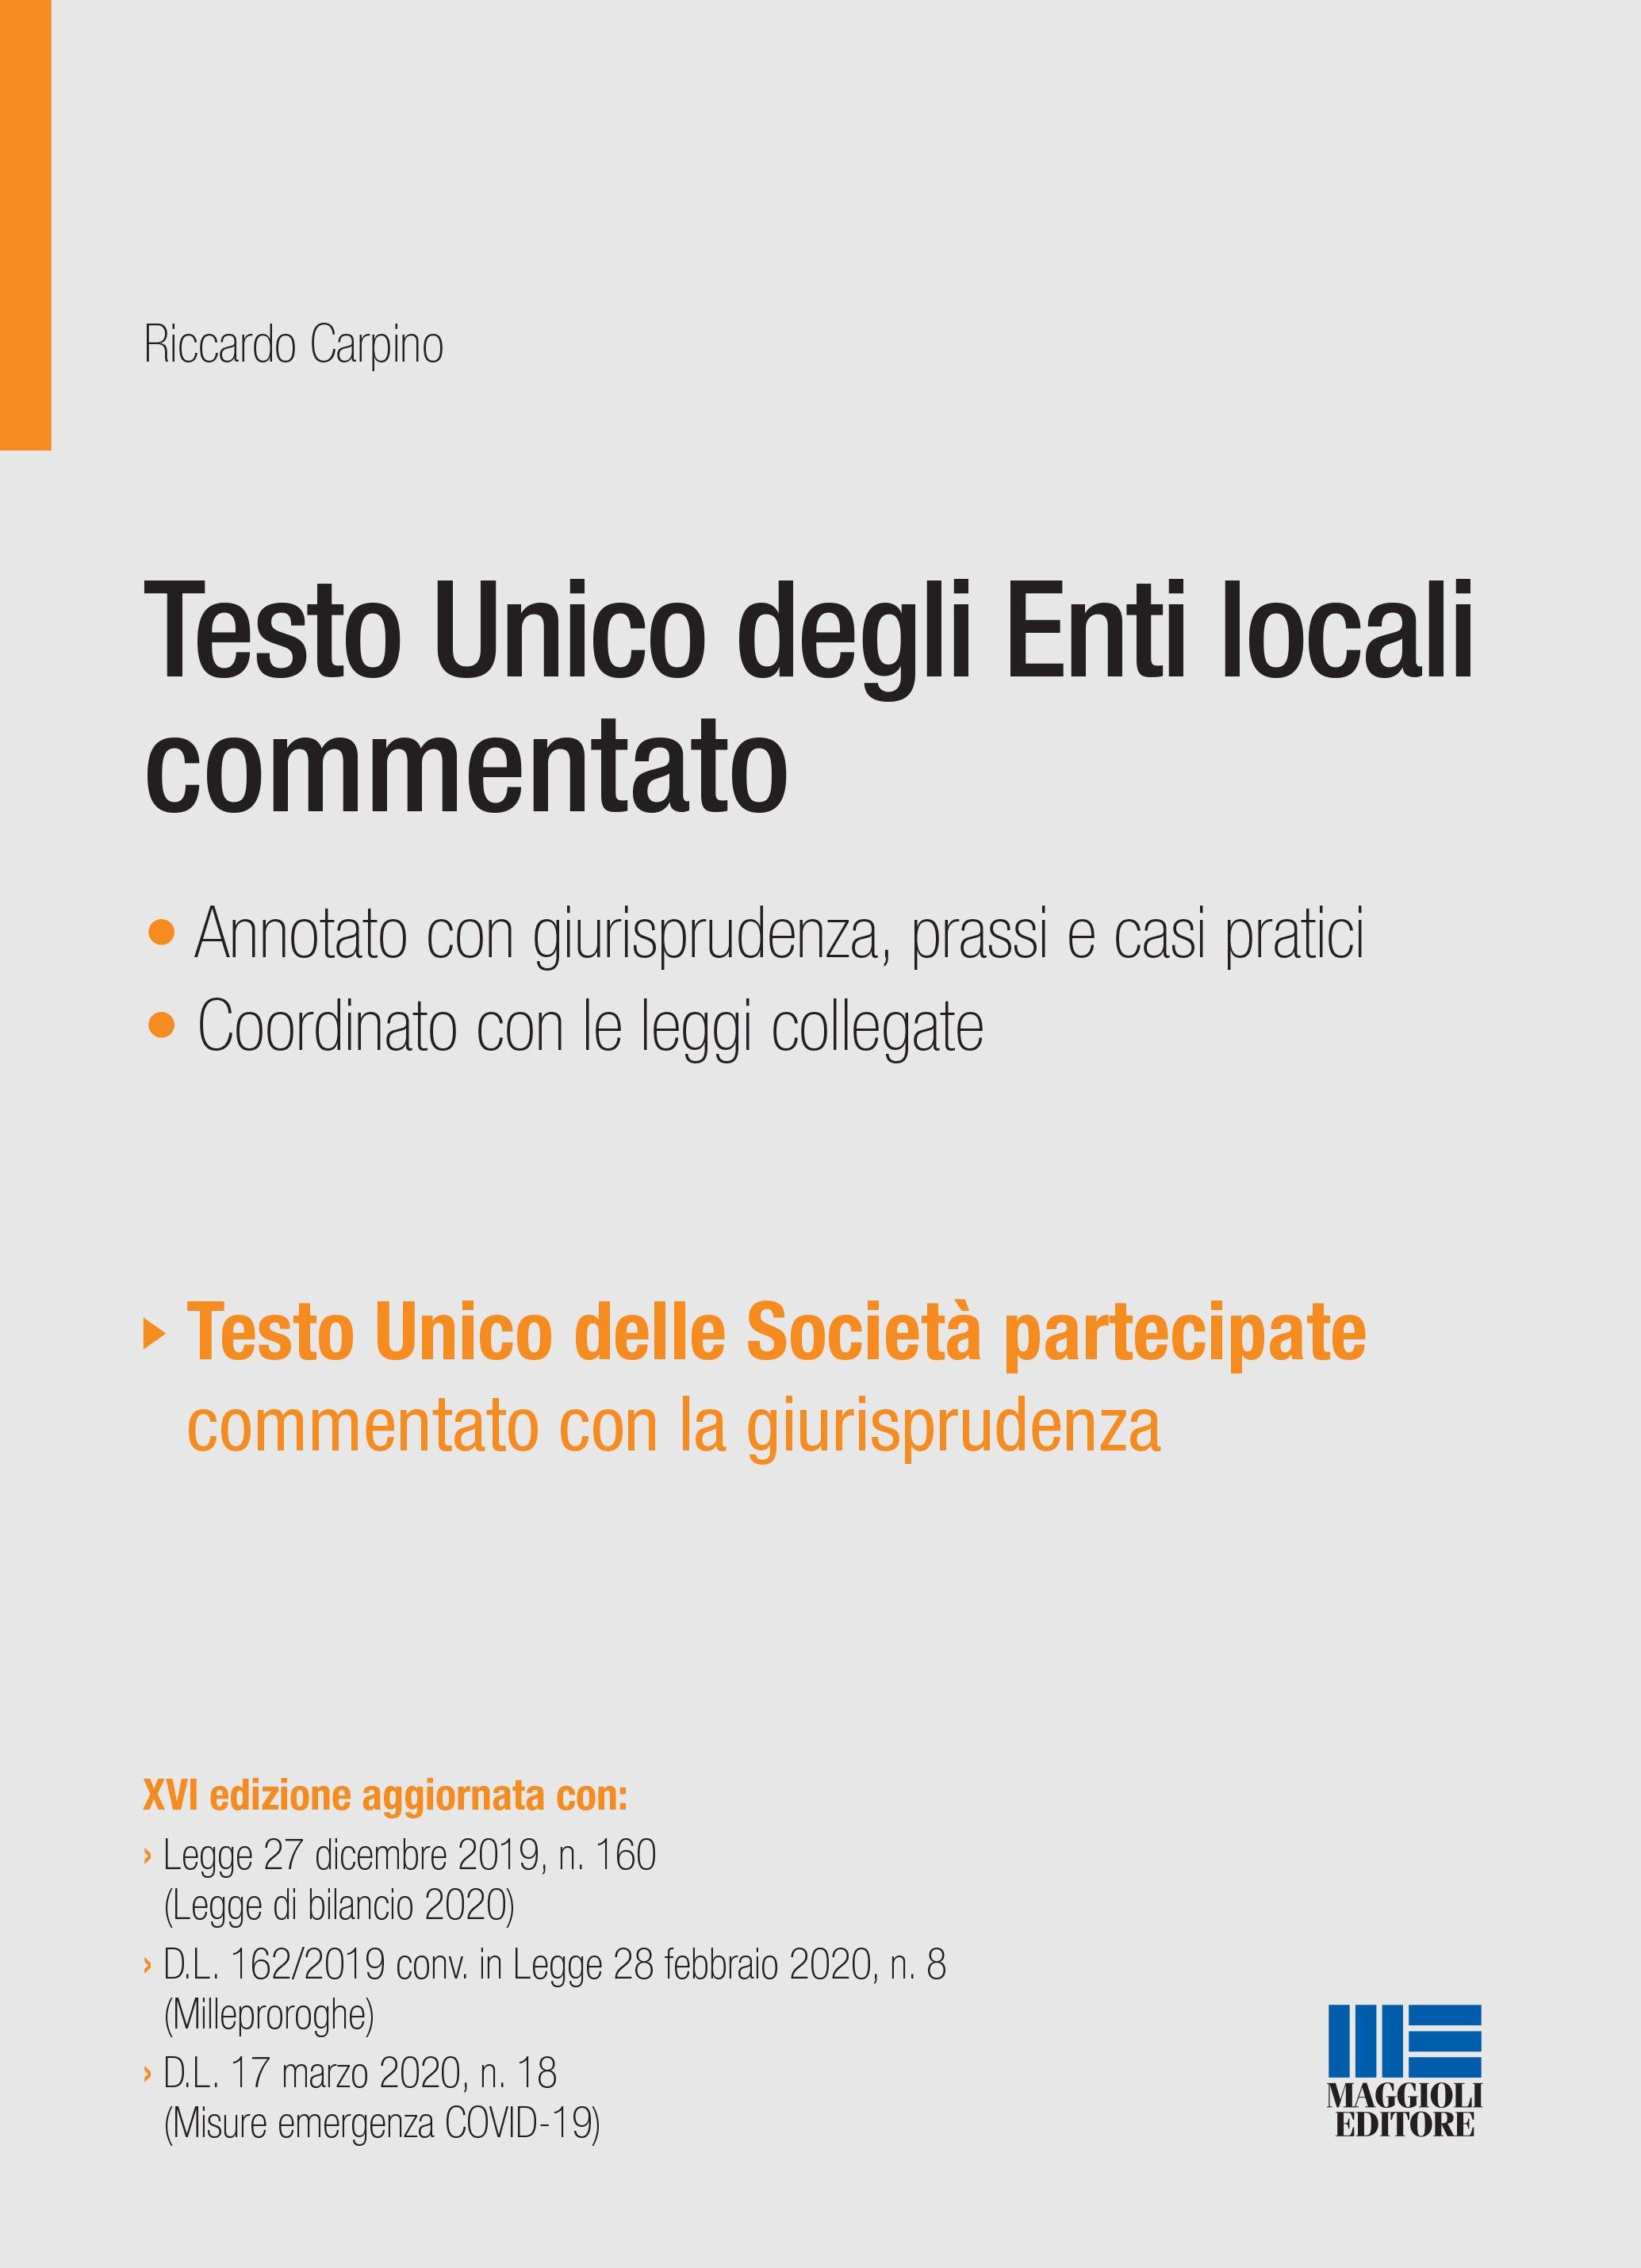 testo unico degli enti locali commentato - maggioli editore  maggioli editore